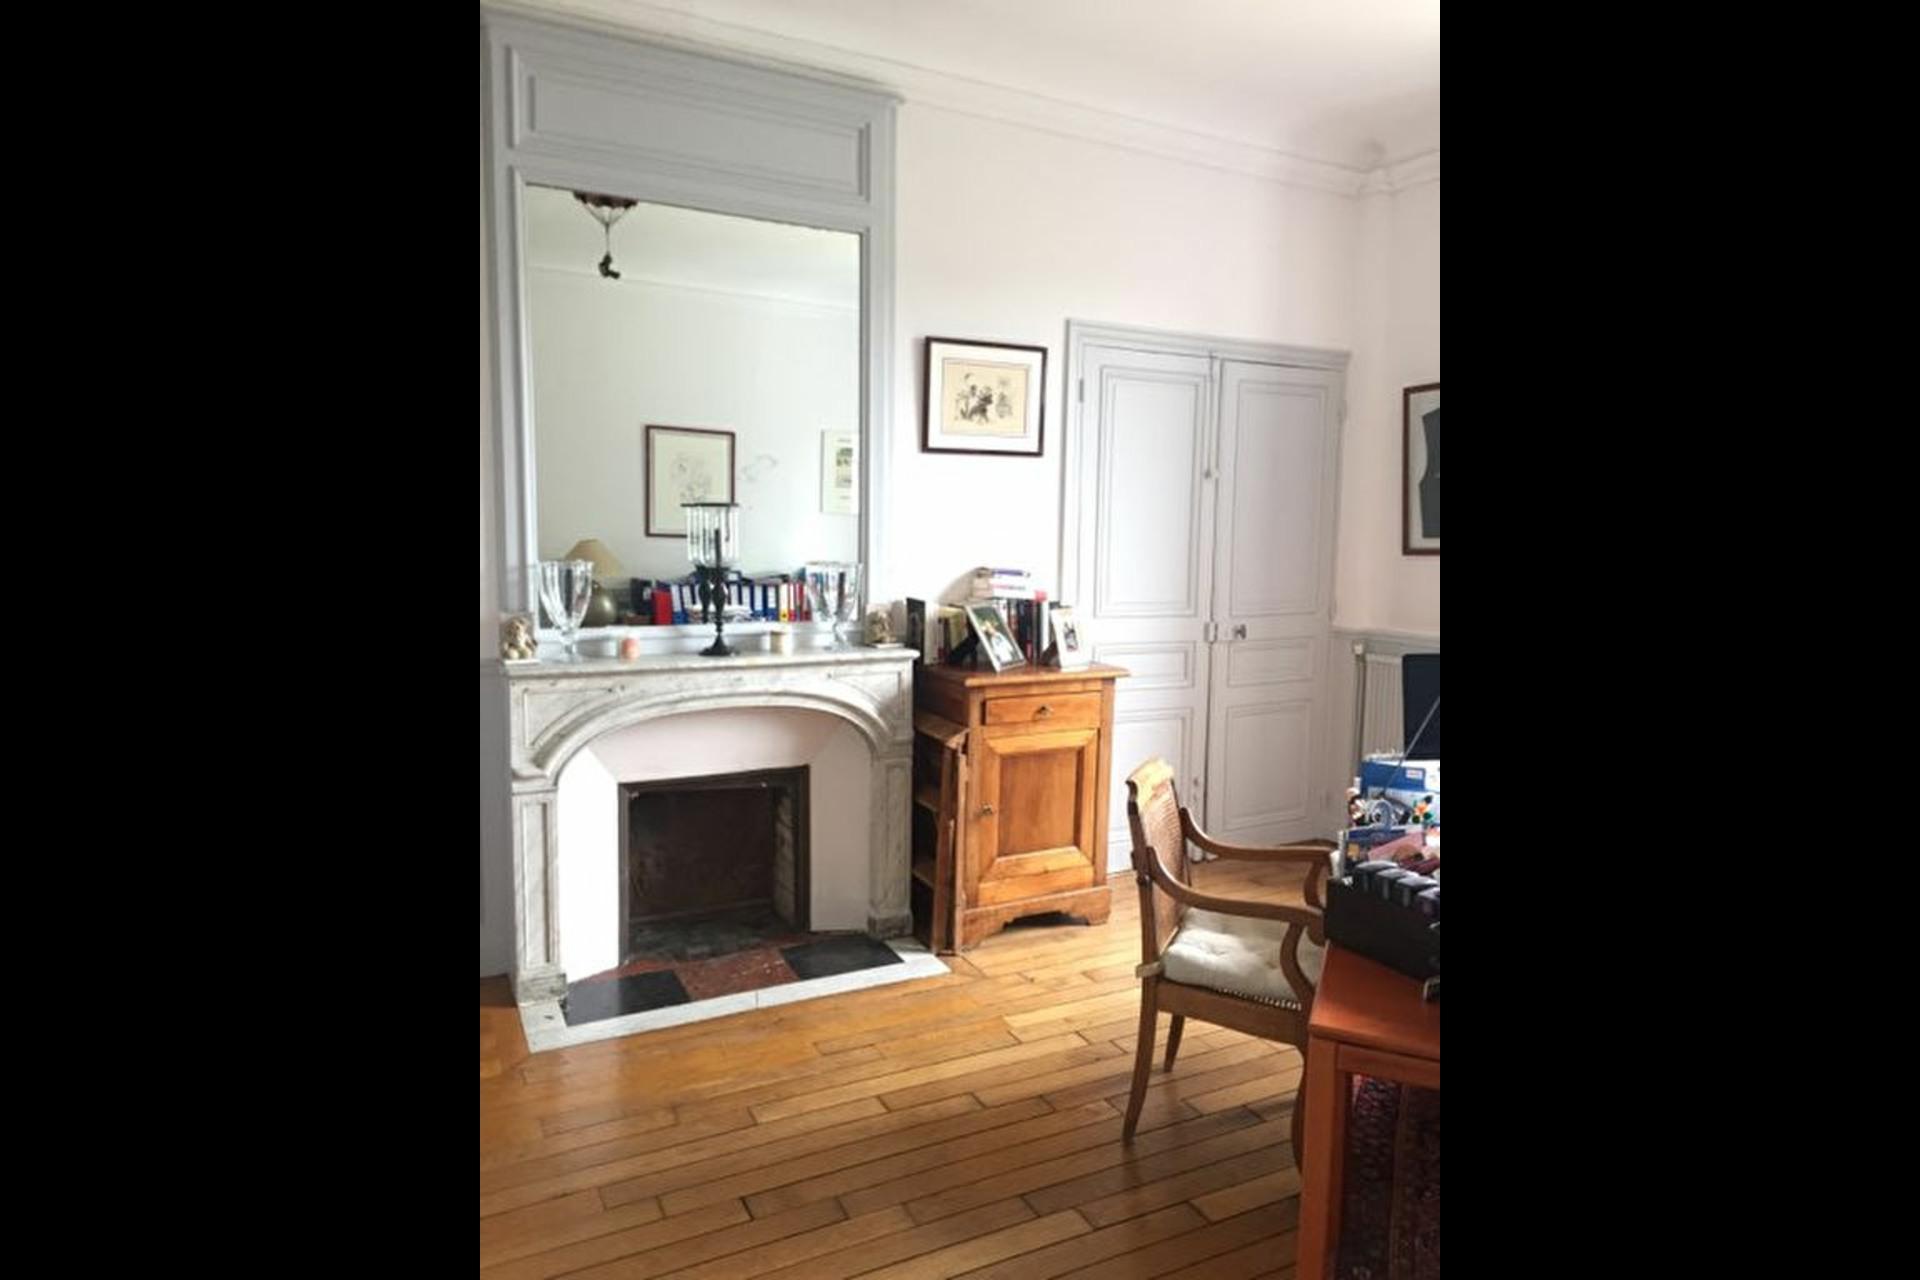 image 6 - Appartement À louer saint germain en laye - 6 pièces